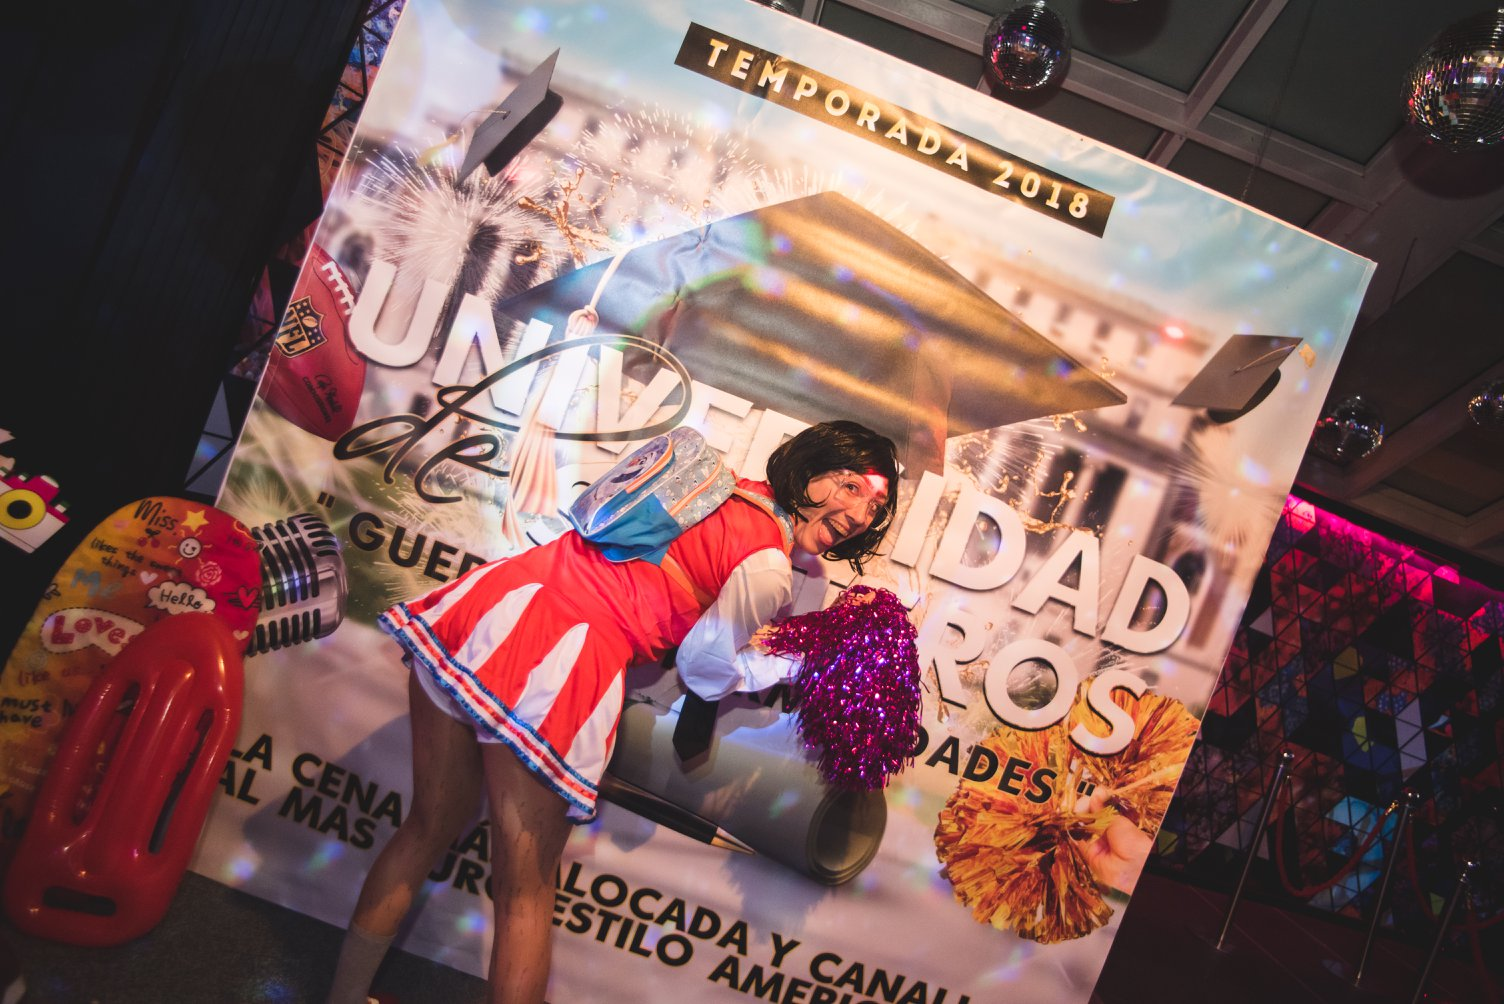 catwalk-photocall-cenas-de-empresa